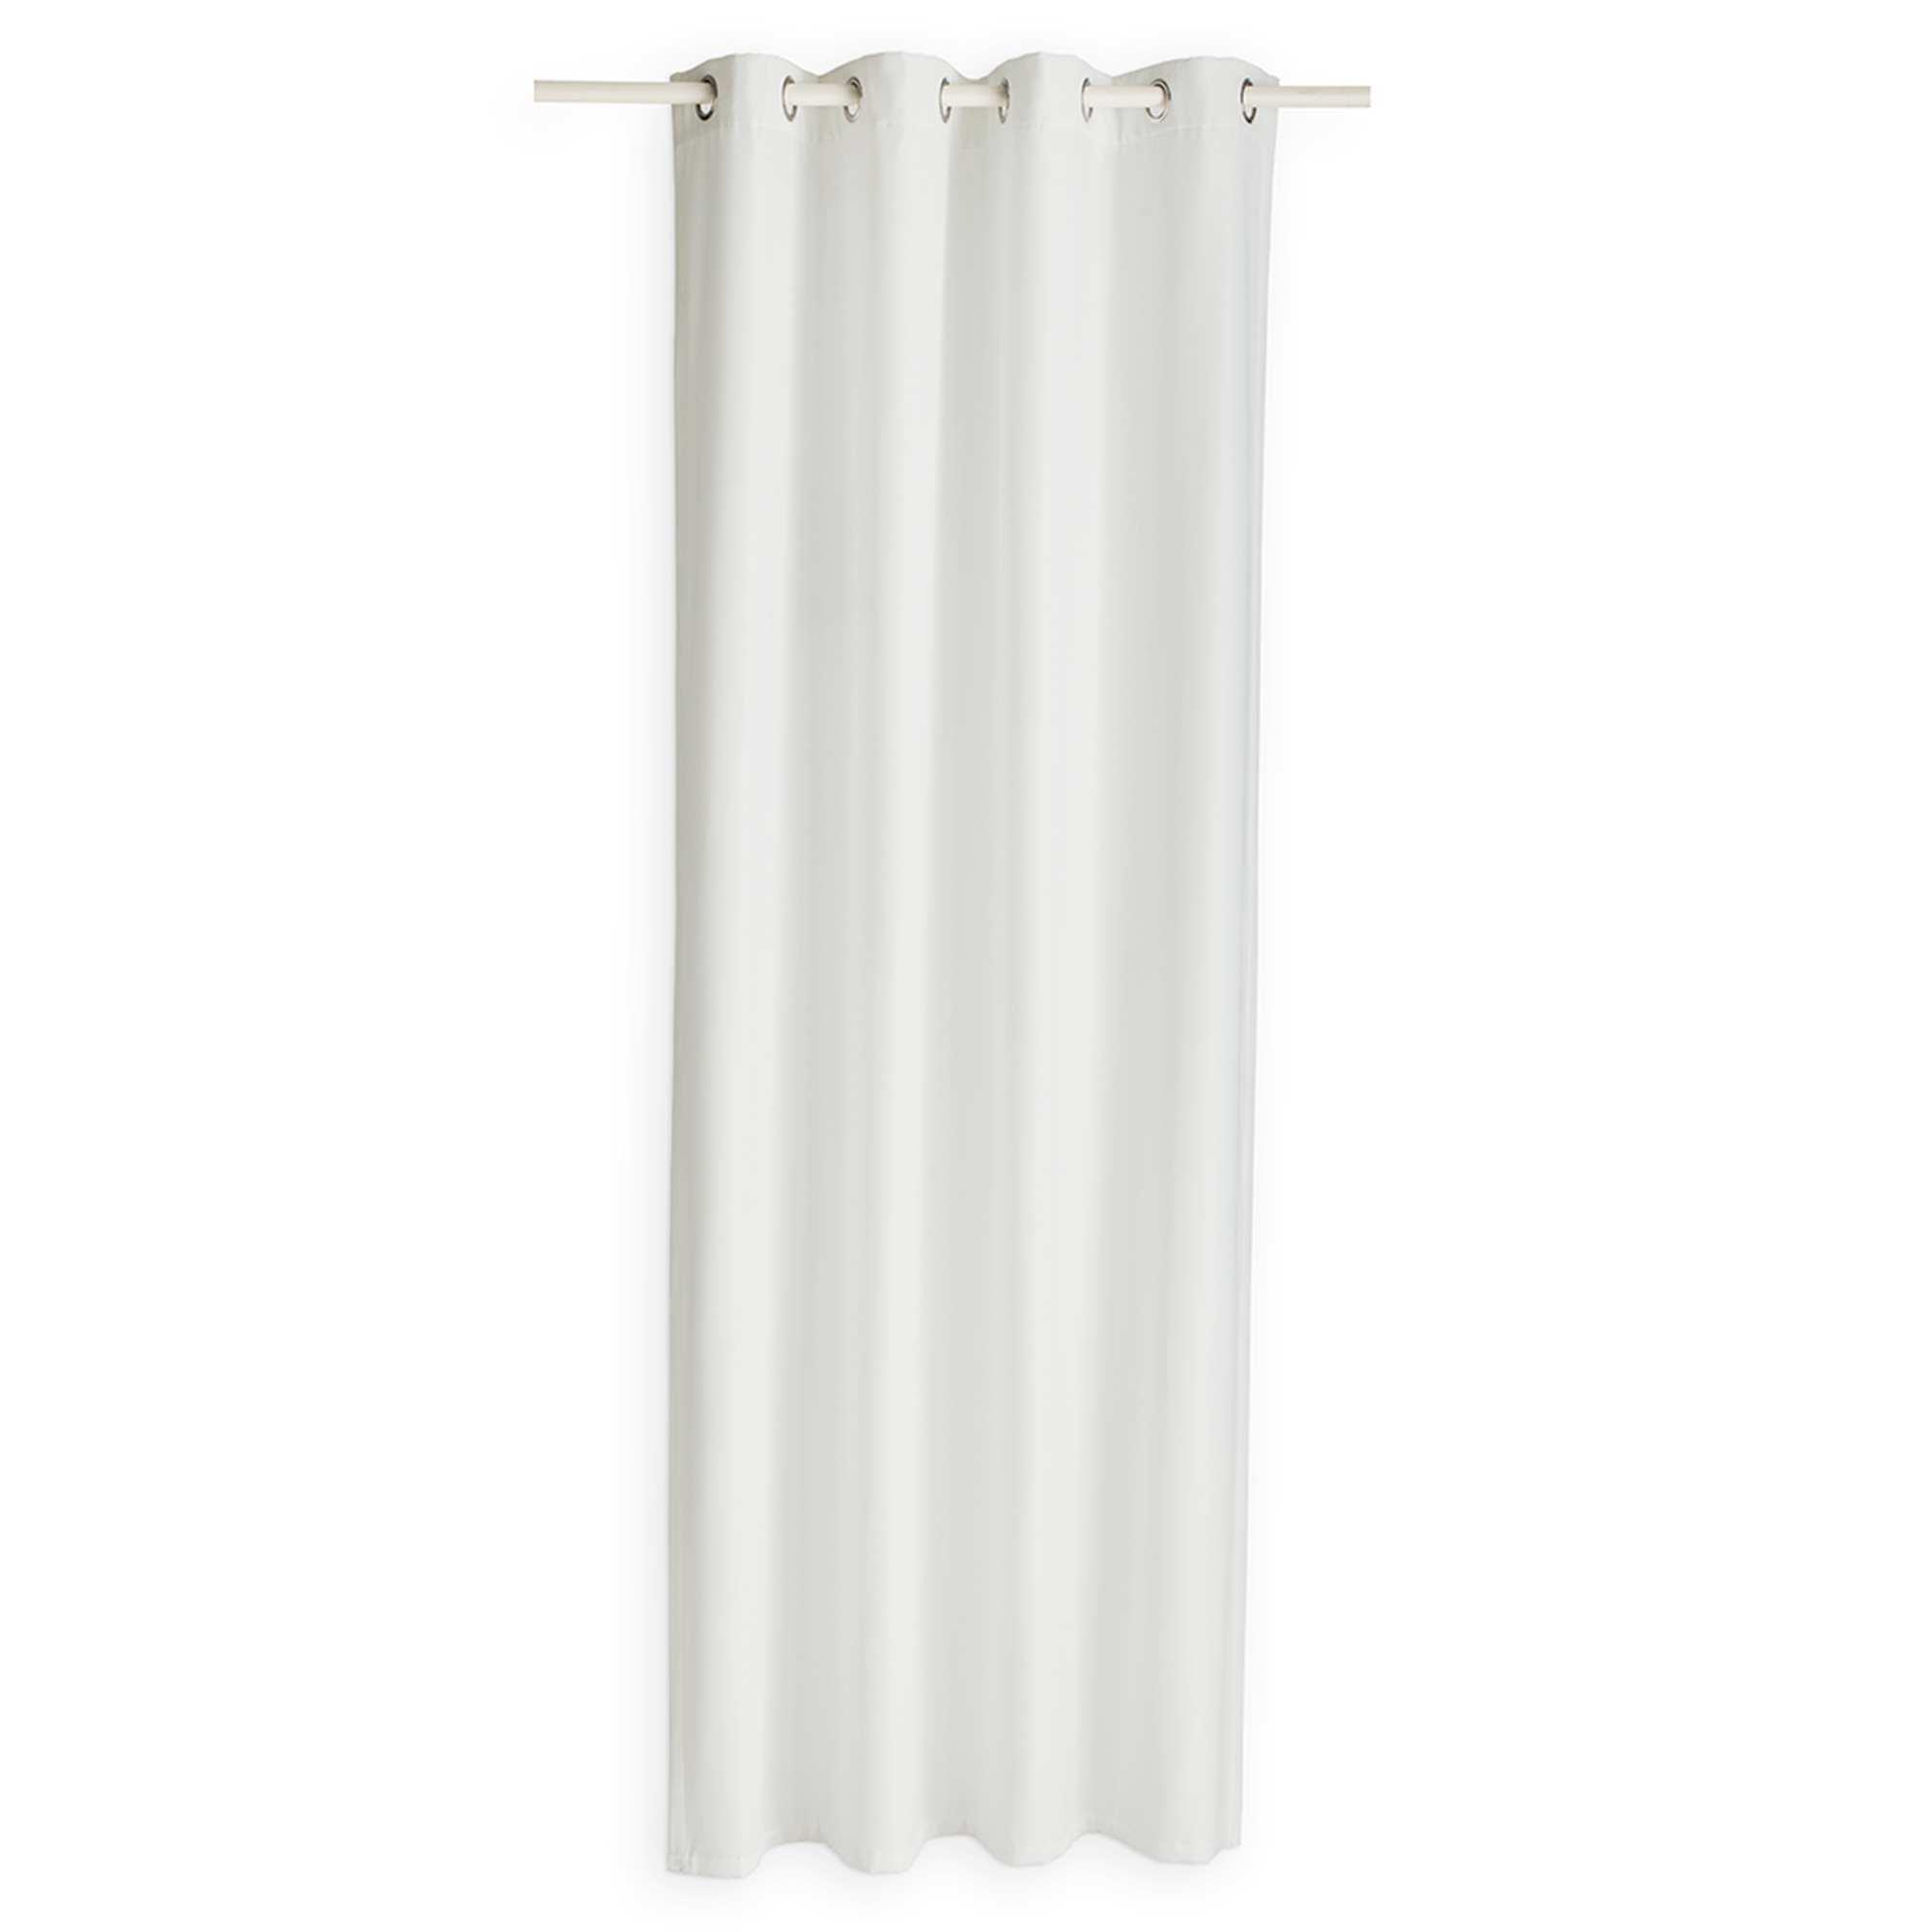 Couleur : blanc, zinc, bleu marine,mastic, - Taille : TU, , ,,On protège notre intérieur du soleil avec ce rideau occultant. - Dimensions : 140 x